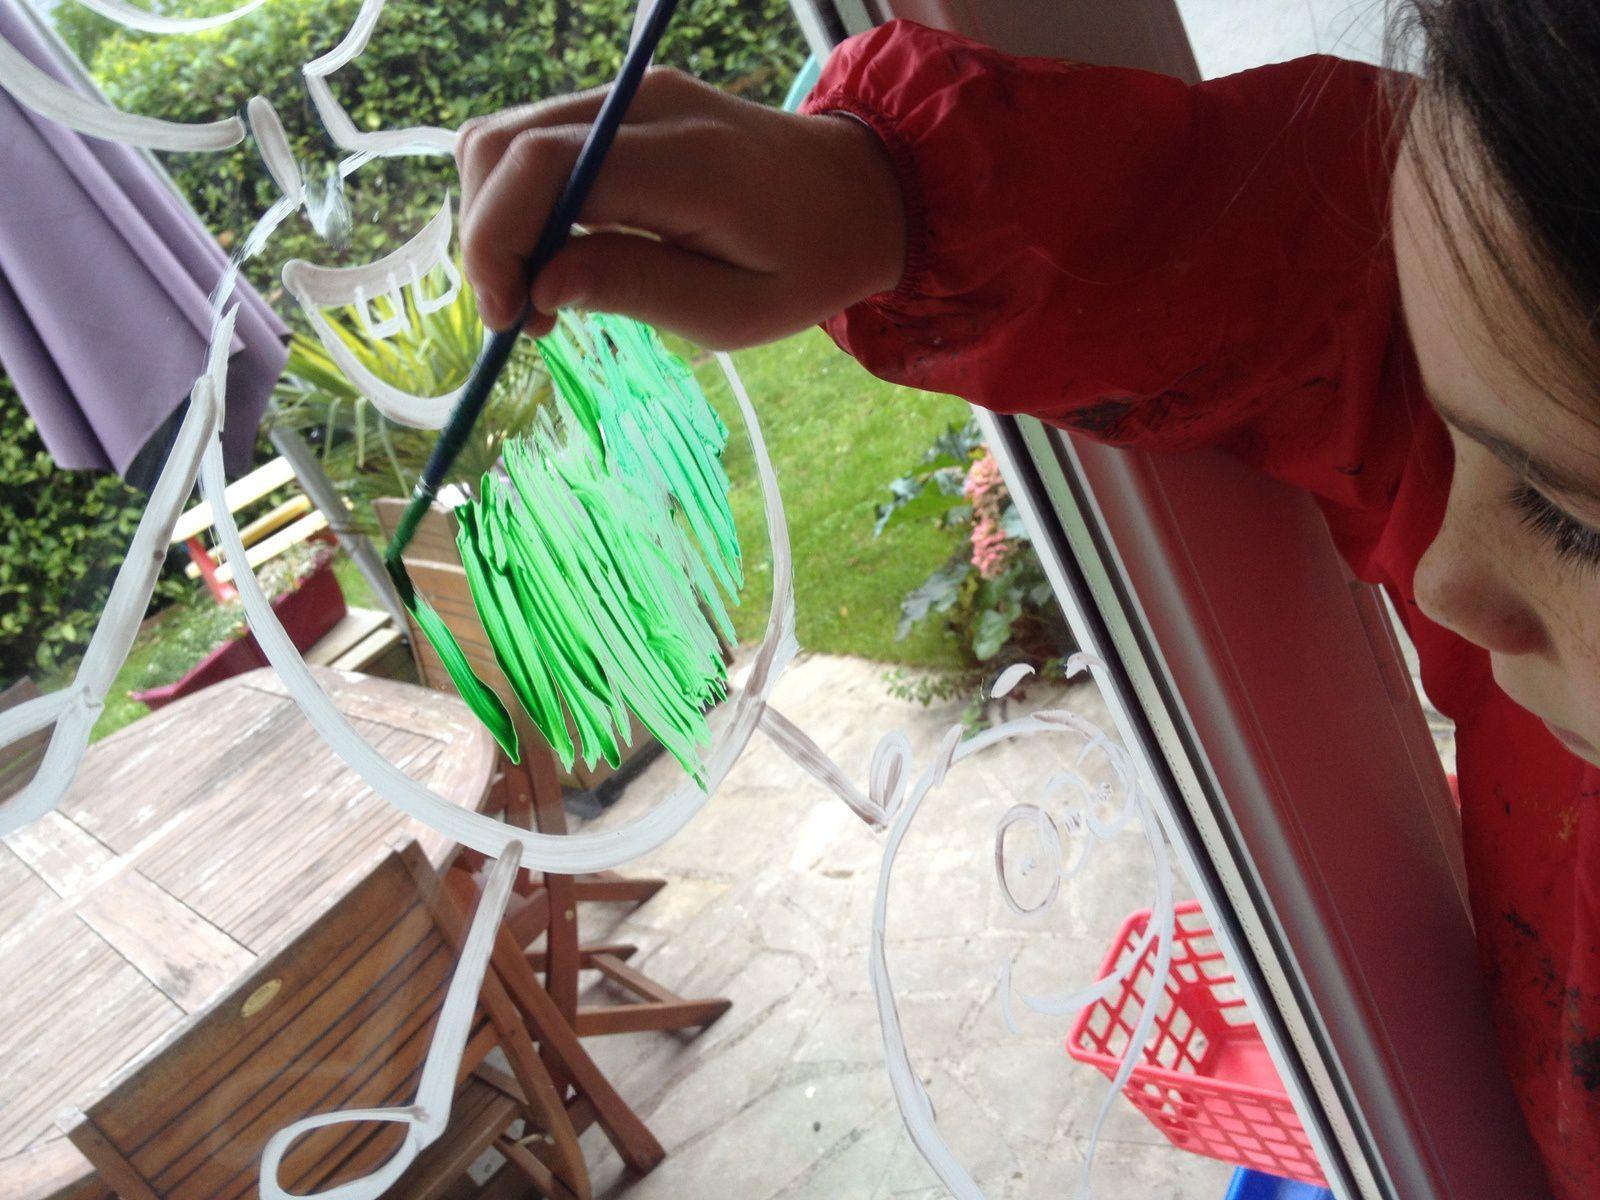 peinture sur fenetre, gouache et liquide vaisselle